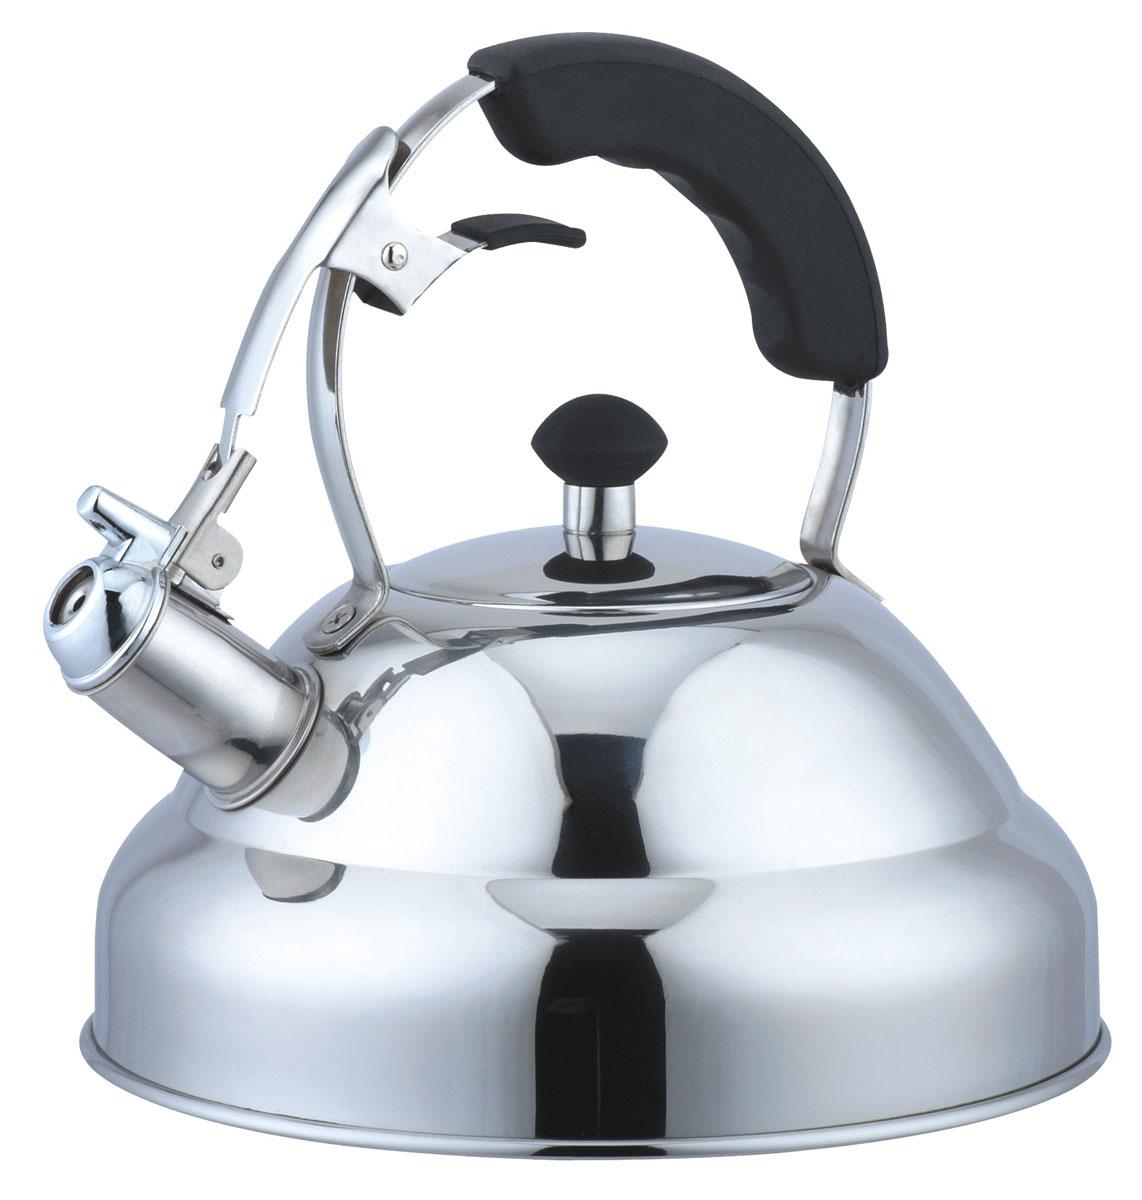 Чайник Bekker Koch со свистком, 3 л. BK-S453WR-5101Чайник Bekker Koch изготовлен из высококачественной нержавеющей стали 18/10 с зеркальной полировкой. Цельнометаллическое дно распределяет тепло по всей поверхности, что позволяет чайнику быстро закипать. Эргономичная фиксированная ручка выполнена из нержавеющей стали с силиконовым покрытием черного цвета. Носик оснащен откидным свистком, который подскажет, когда вода закипела. Свисток открывается и закрывается нажатием рычага на рукоятке. Широкое отверстие по верхнему краю позволяет удобно наливать воду.Подходит для всех типов плит, включая индукционные. Можно мыть в посудомоечной машине.